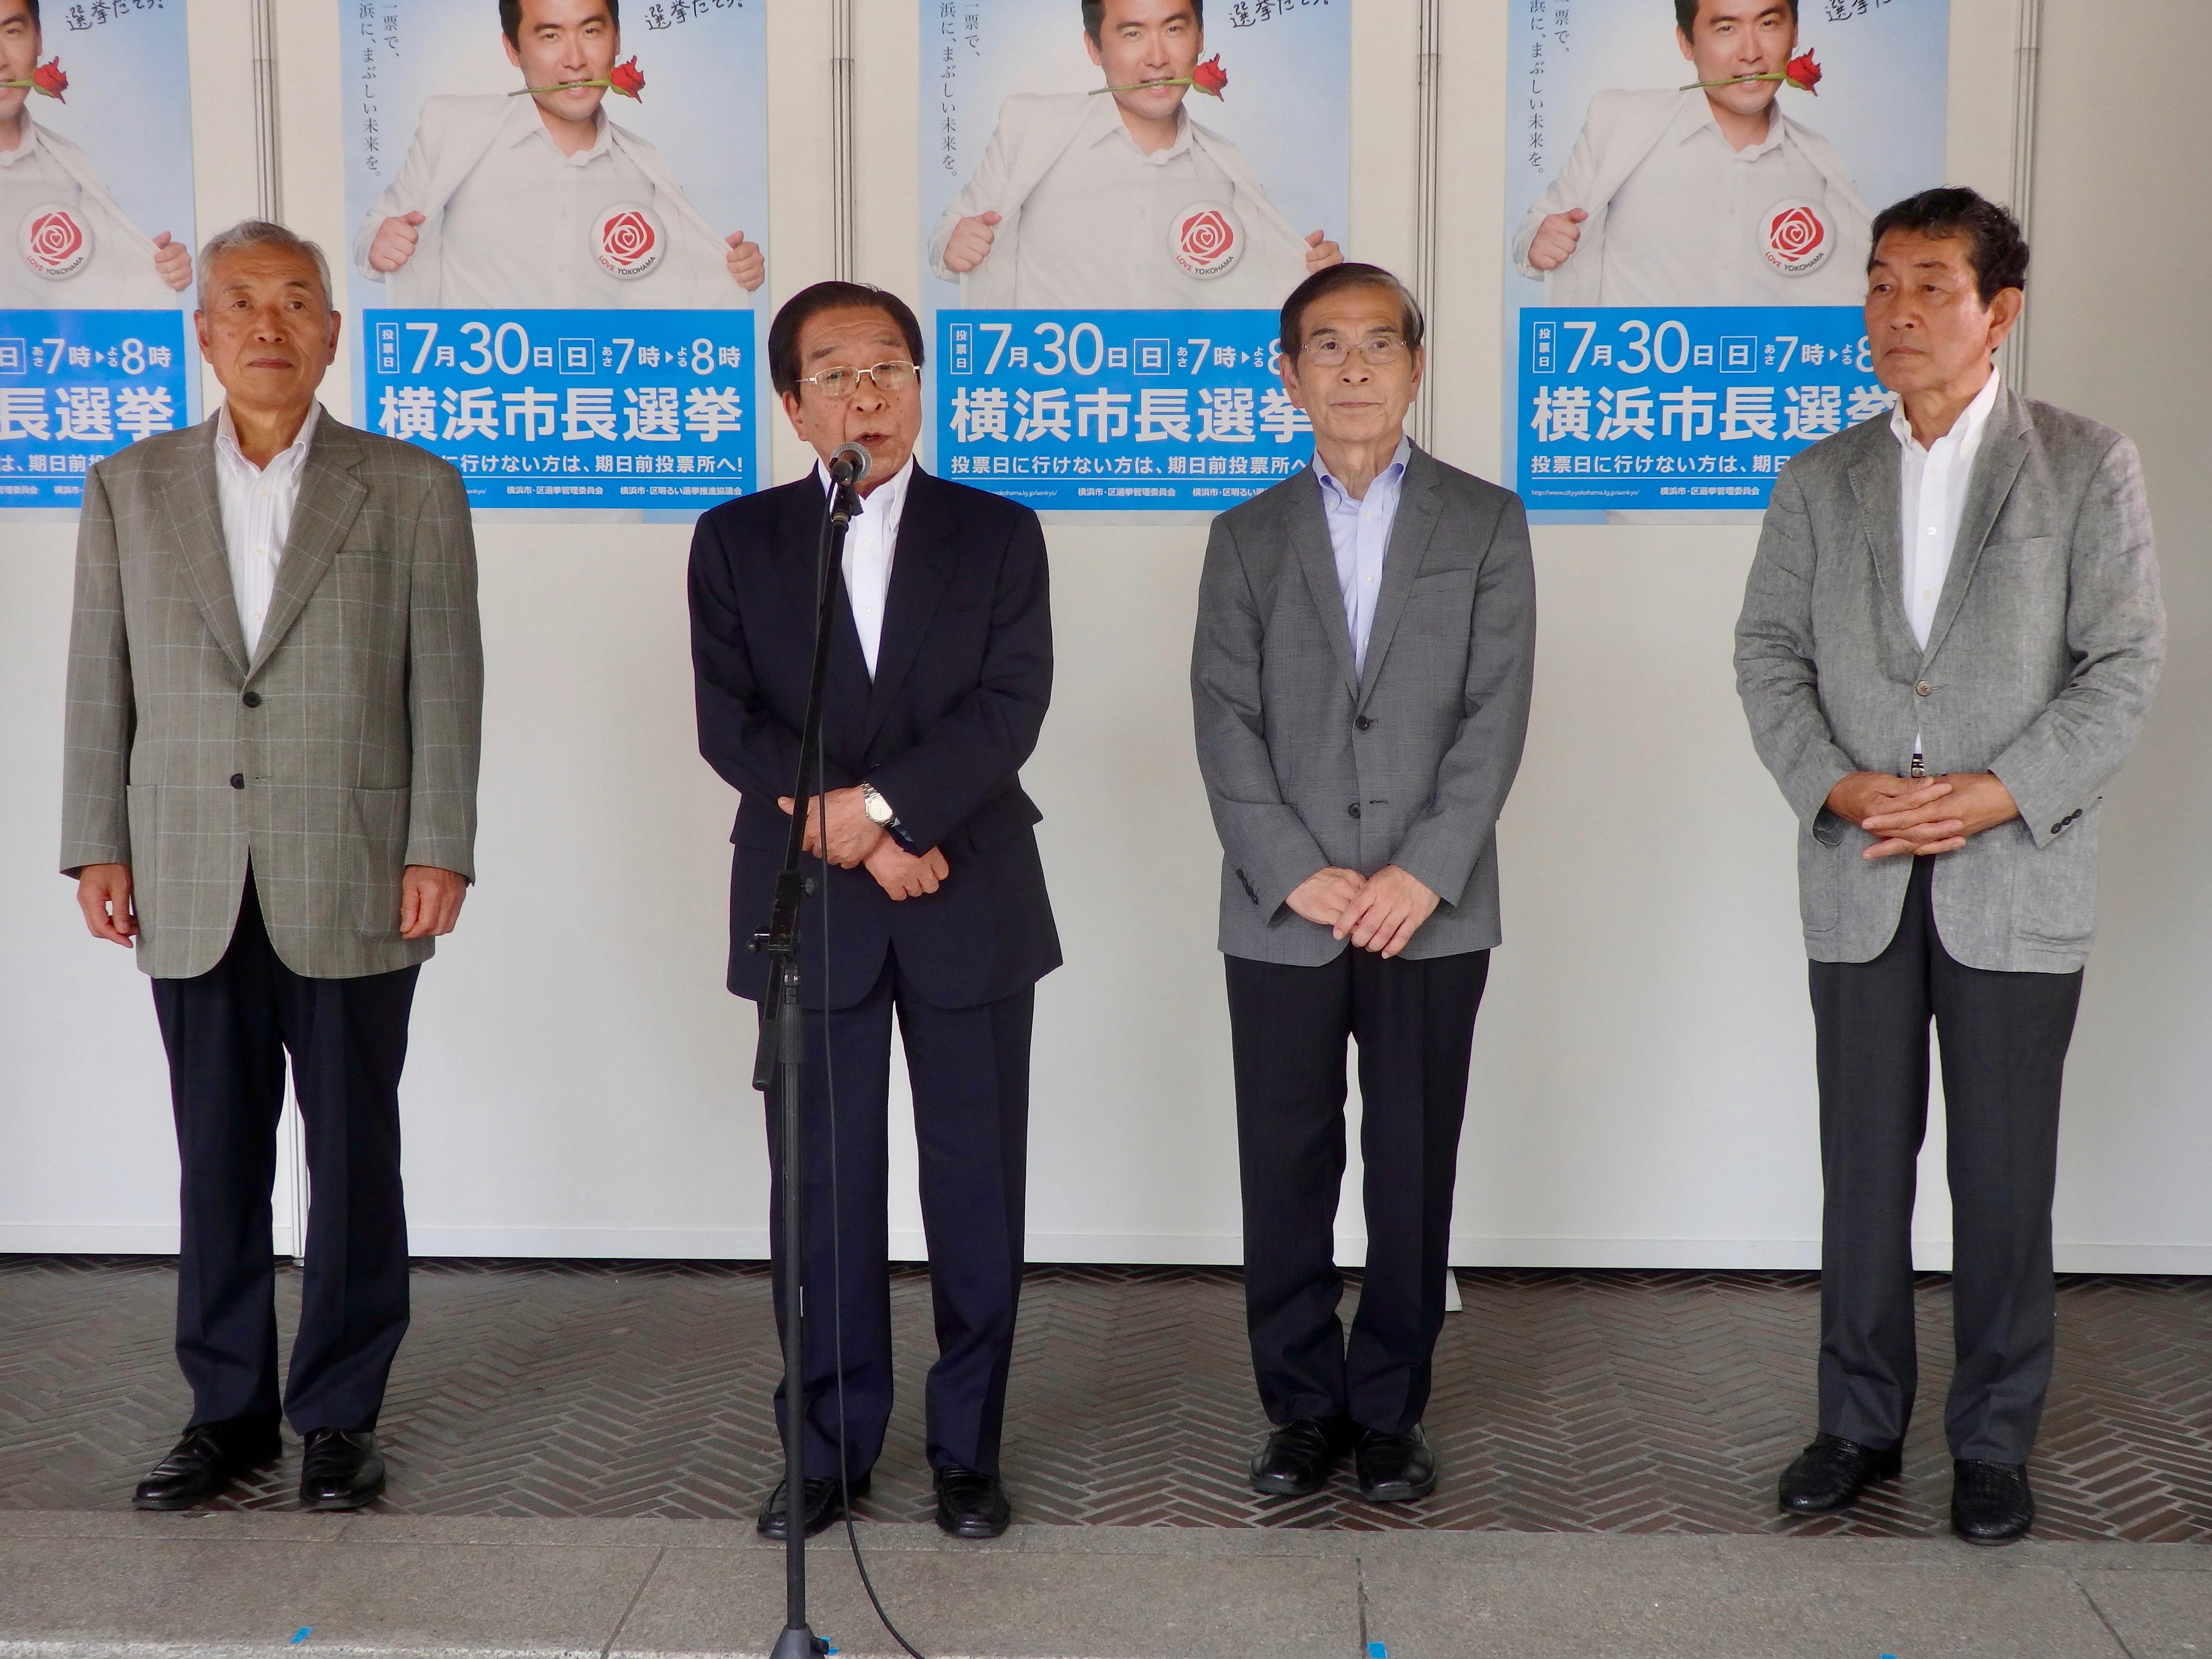 http://news.yoshimoto.co.jp/20170716164058-6411fdb9d6c07e20b033629958bb0bdb326cfef3.jpg